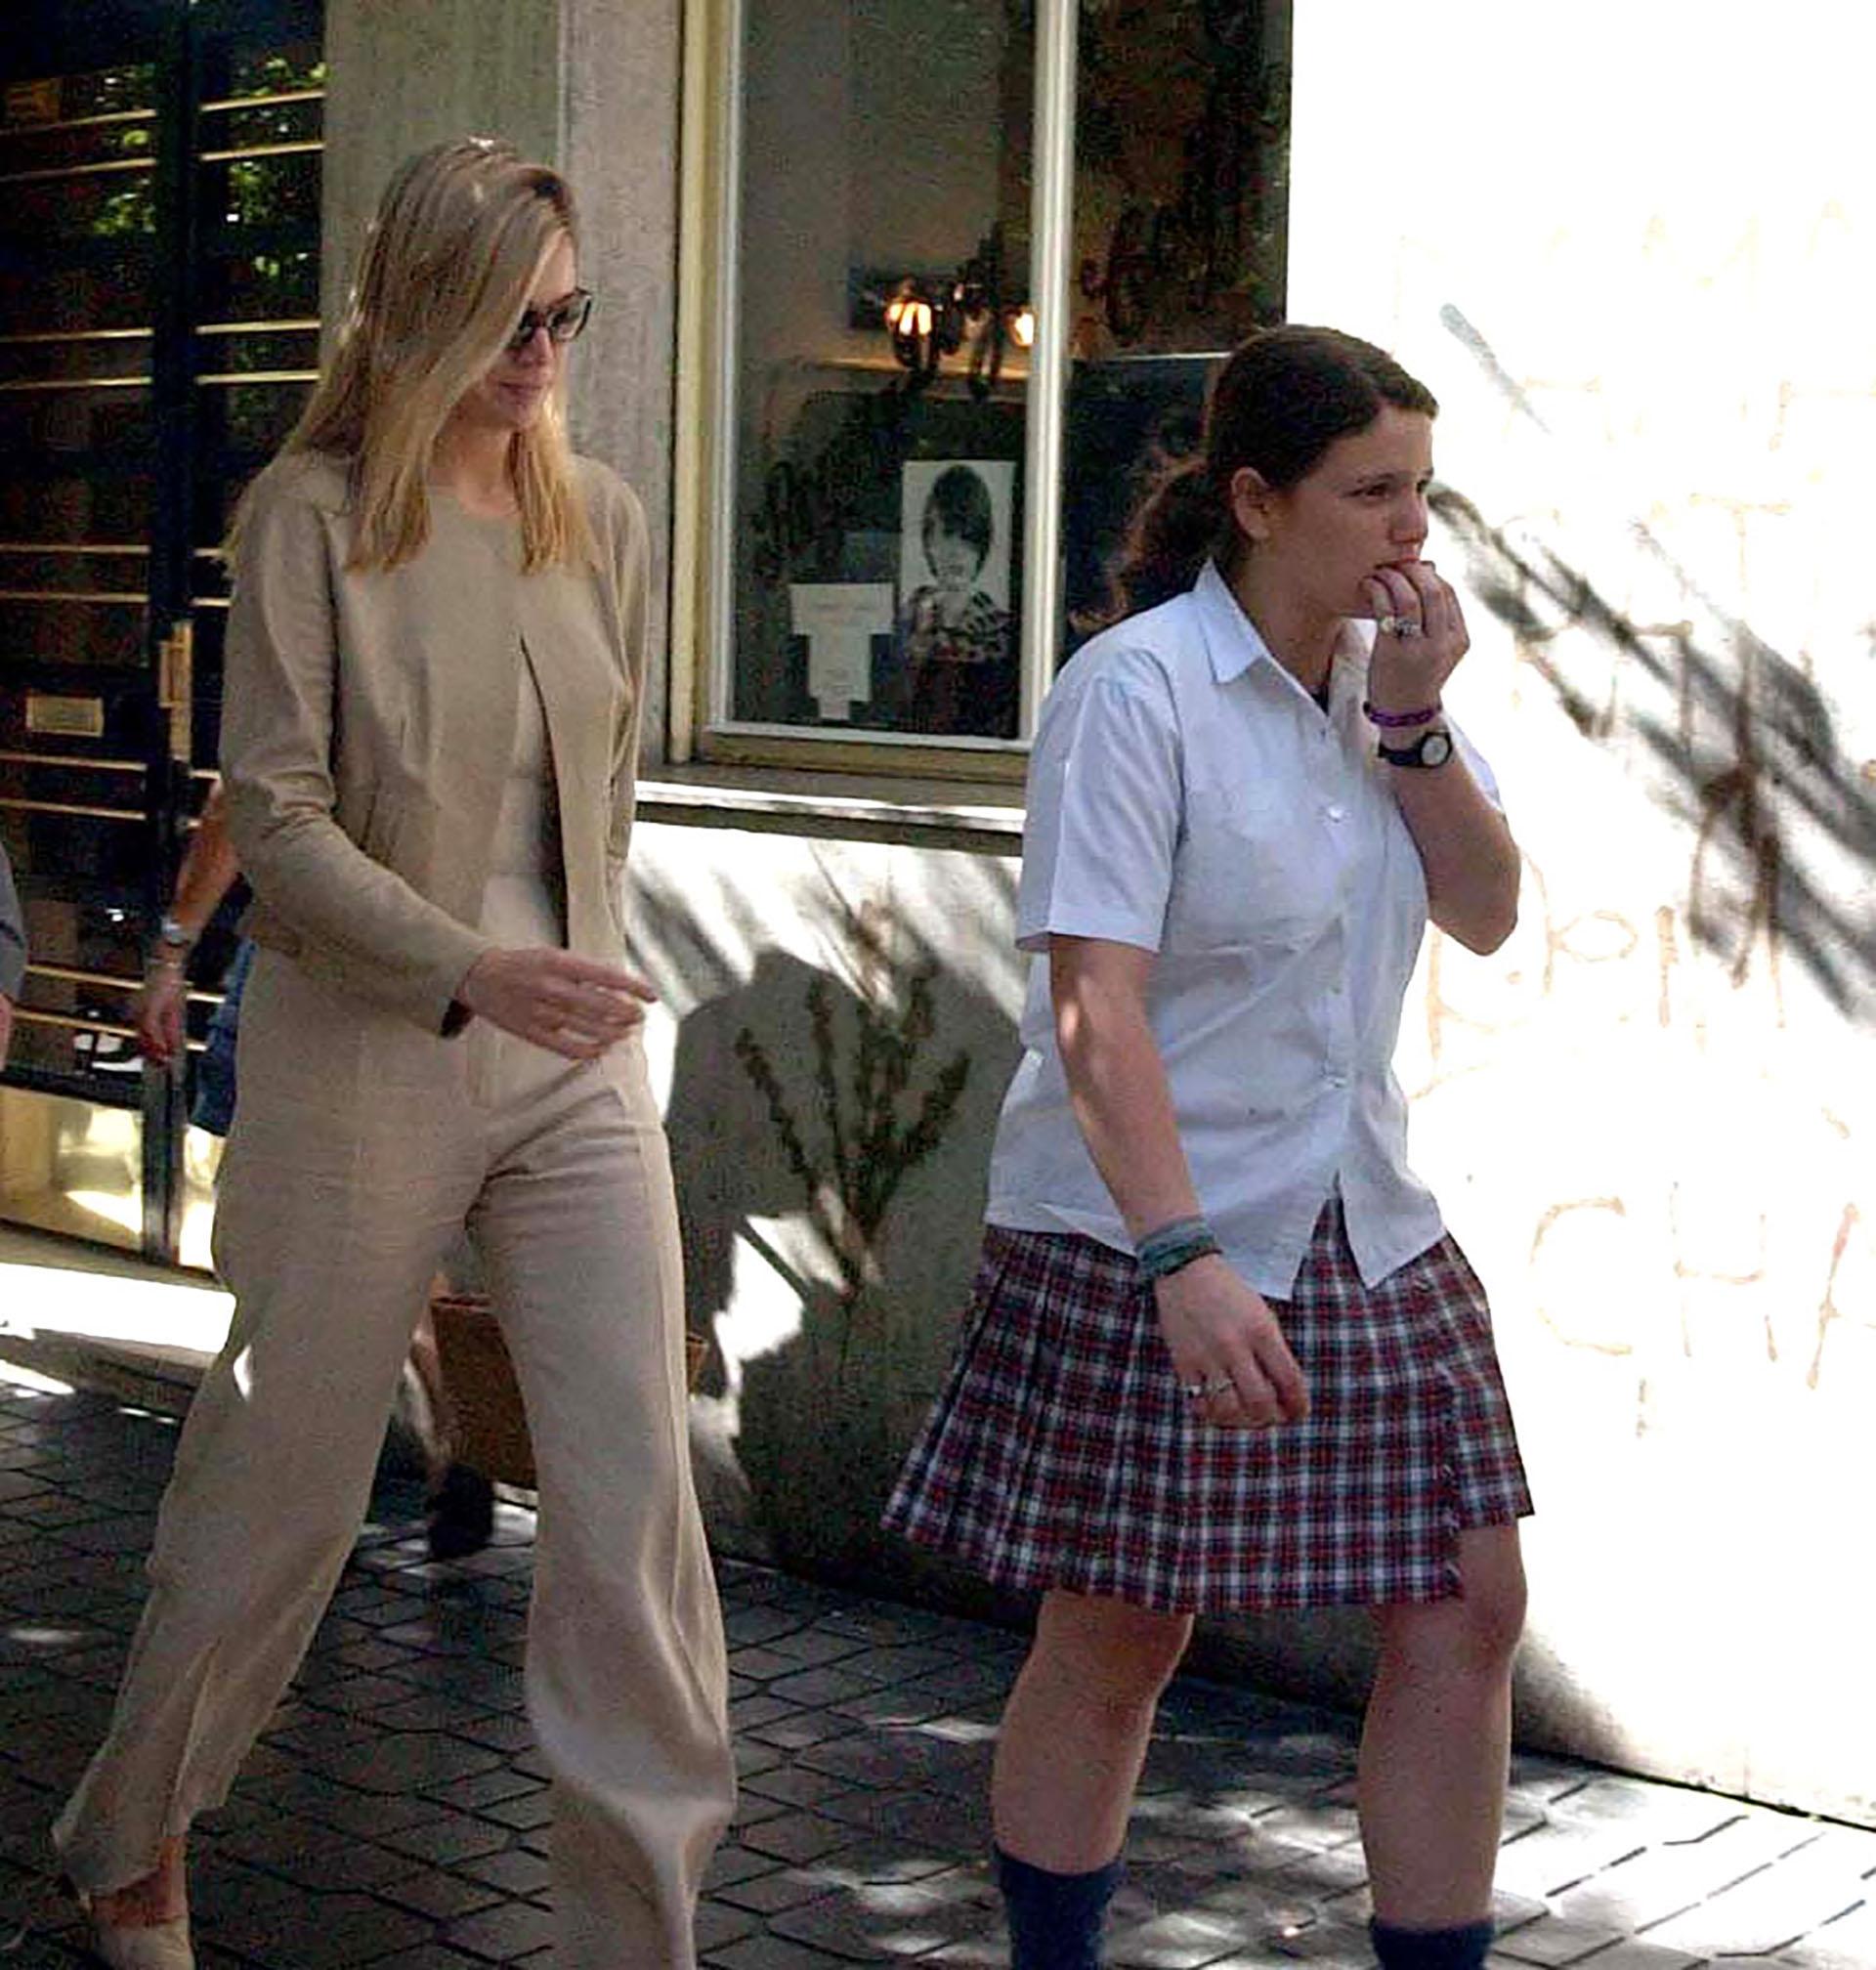 Pocos meses después de su boda, Máxima viajó a Buenos Aires para estar presente en la graduación de su hermana que se recibía de bachiller bilingüe en el Colegio Palermo Chico (PikoPress)